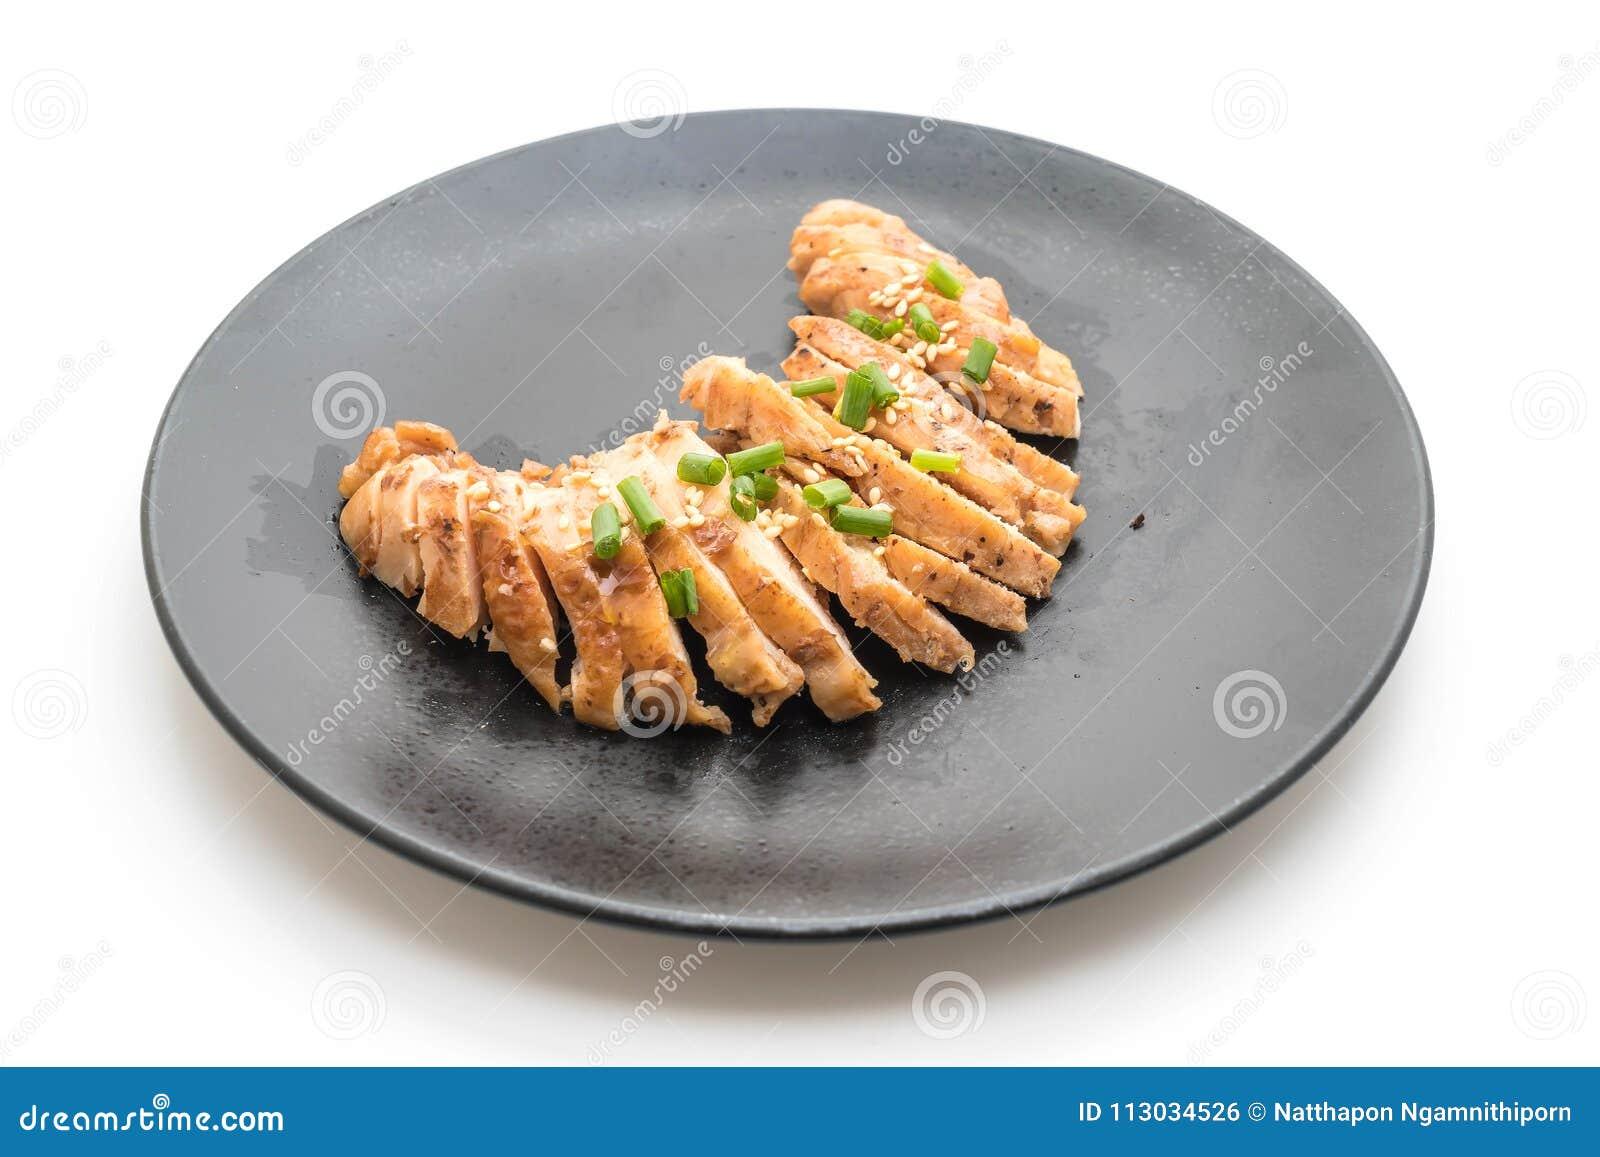 Pollo de carne asada en la placa